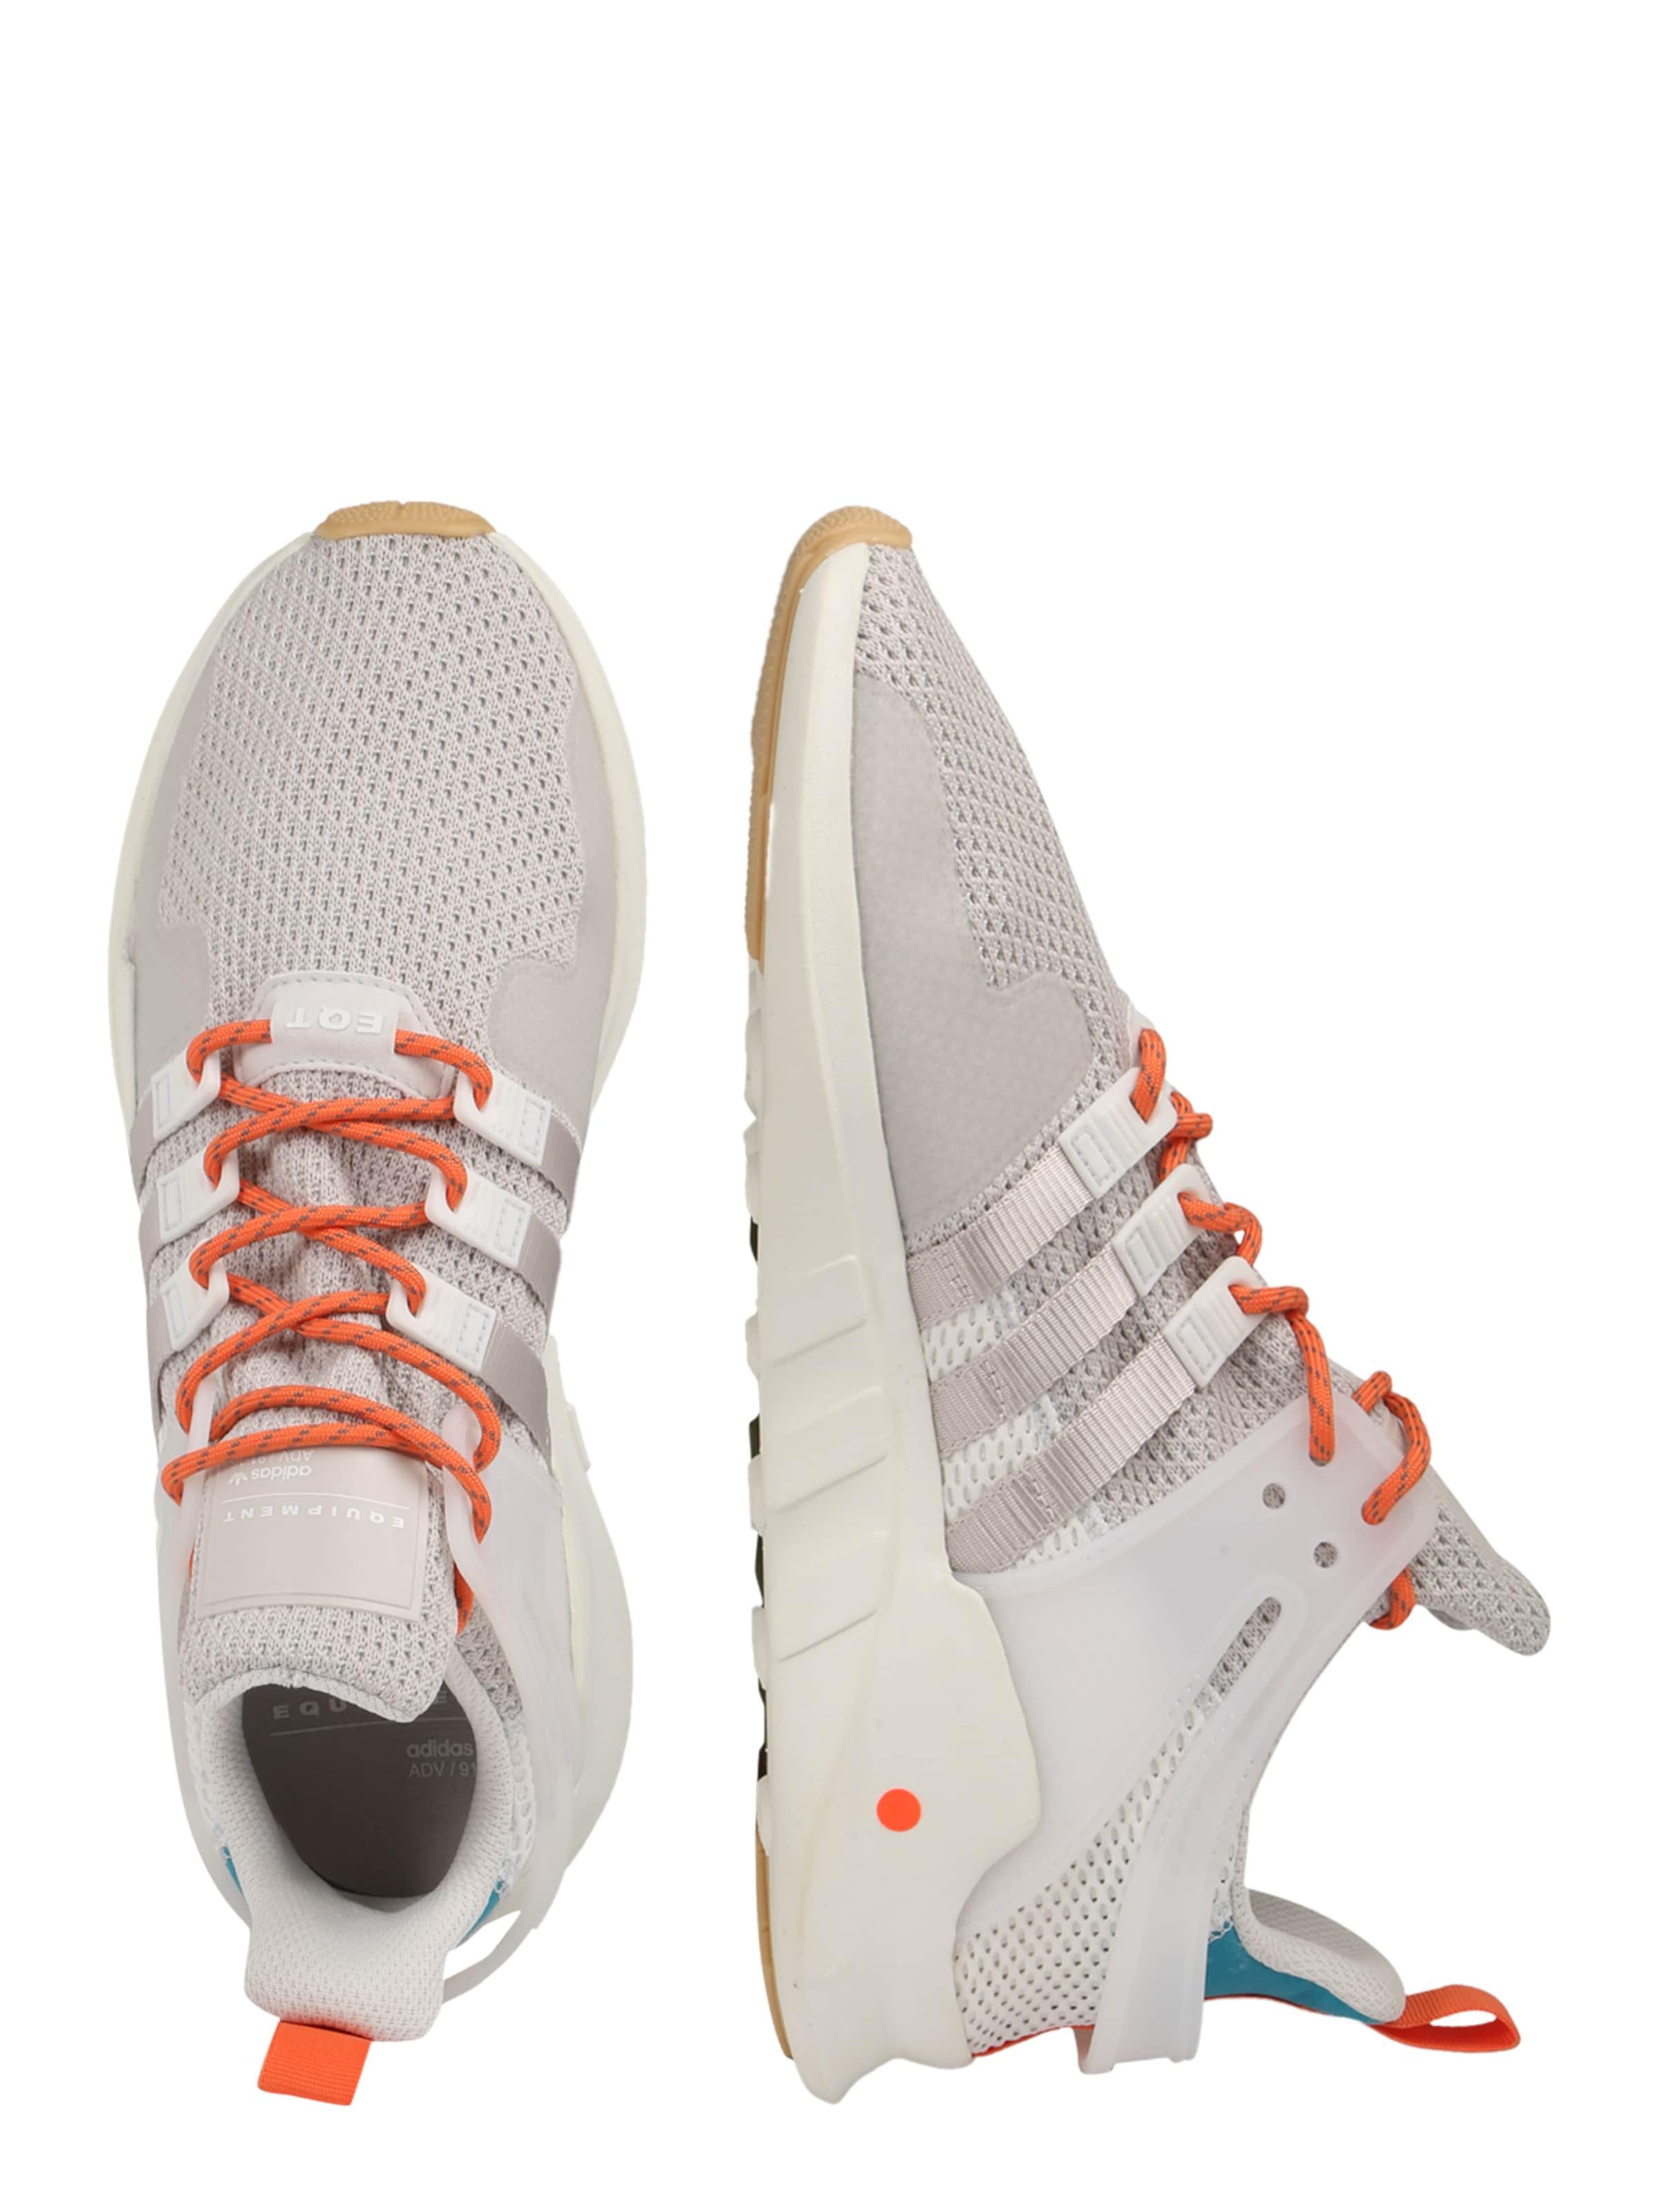 Support Sneaker Originals Adidas HellgrauHellorange 'eqt In Weiß Adv' 0mNnwv8